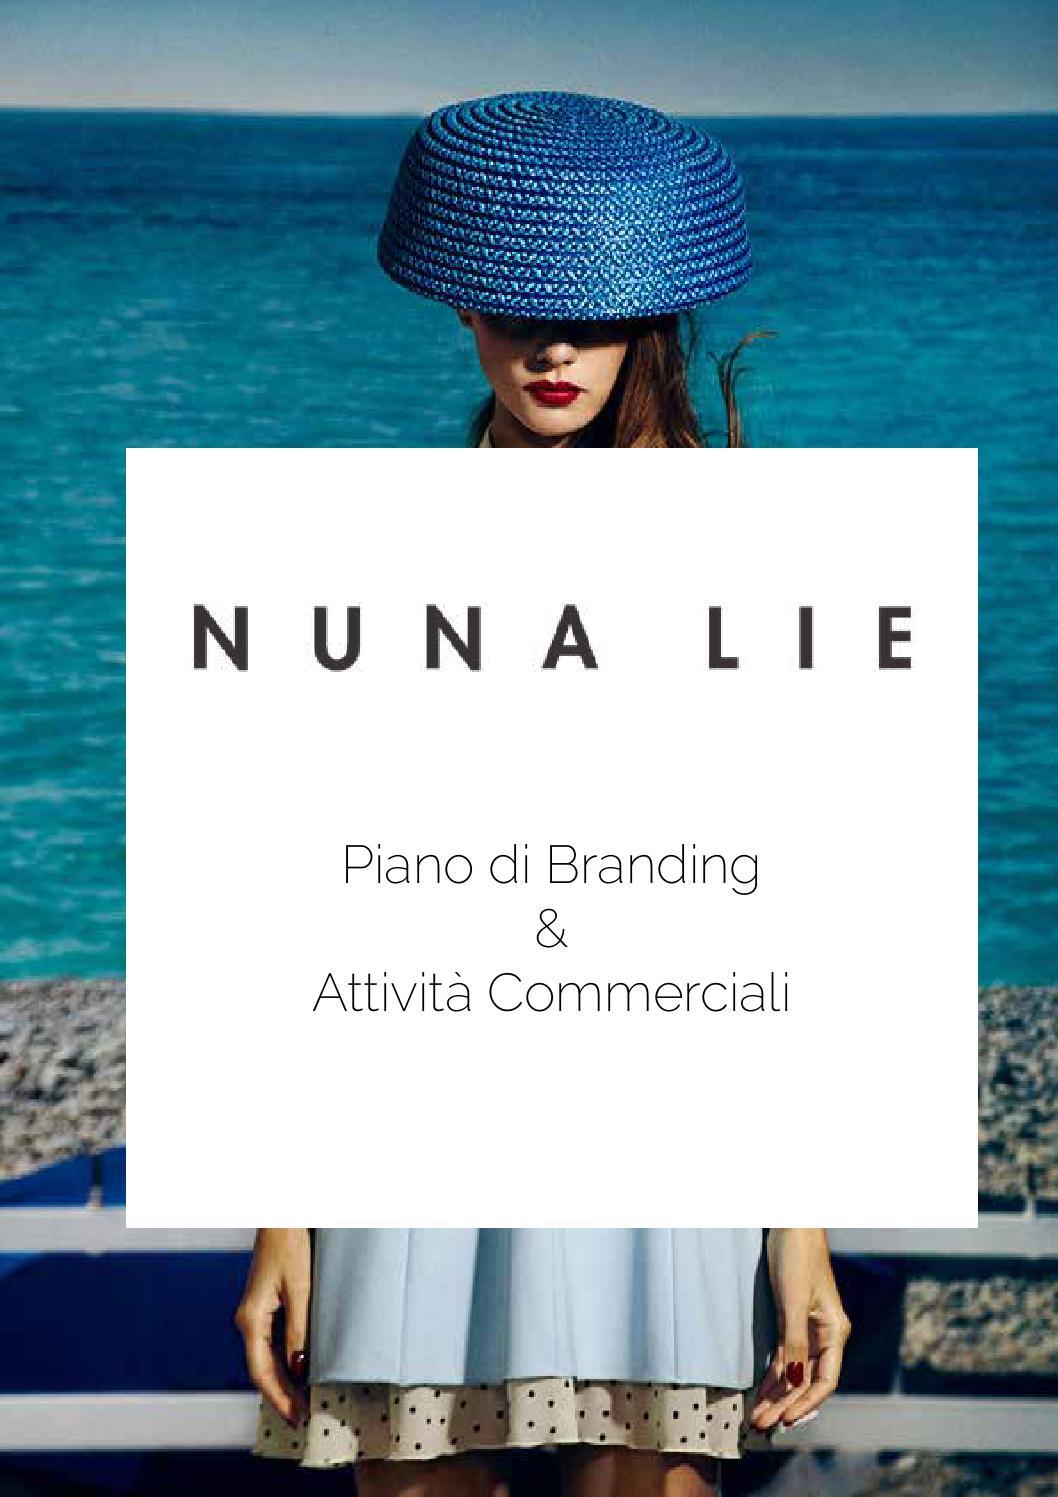 Piano di branding e attività commerciale per Nuna Lie by IED Master Roma -  issuu 46f1bca8a78